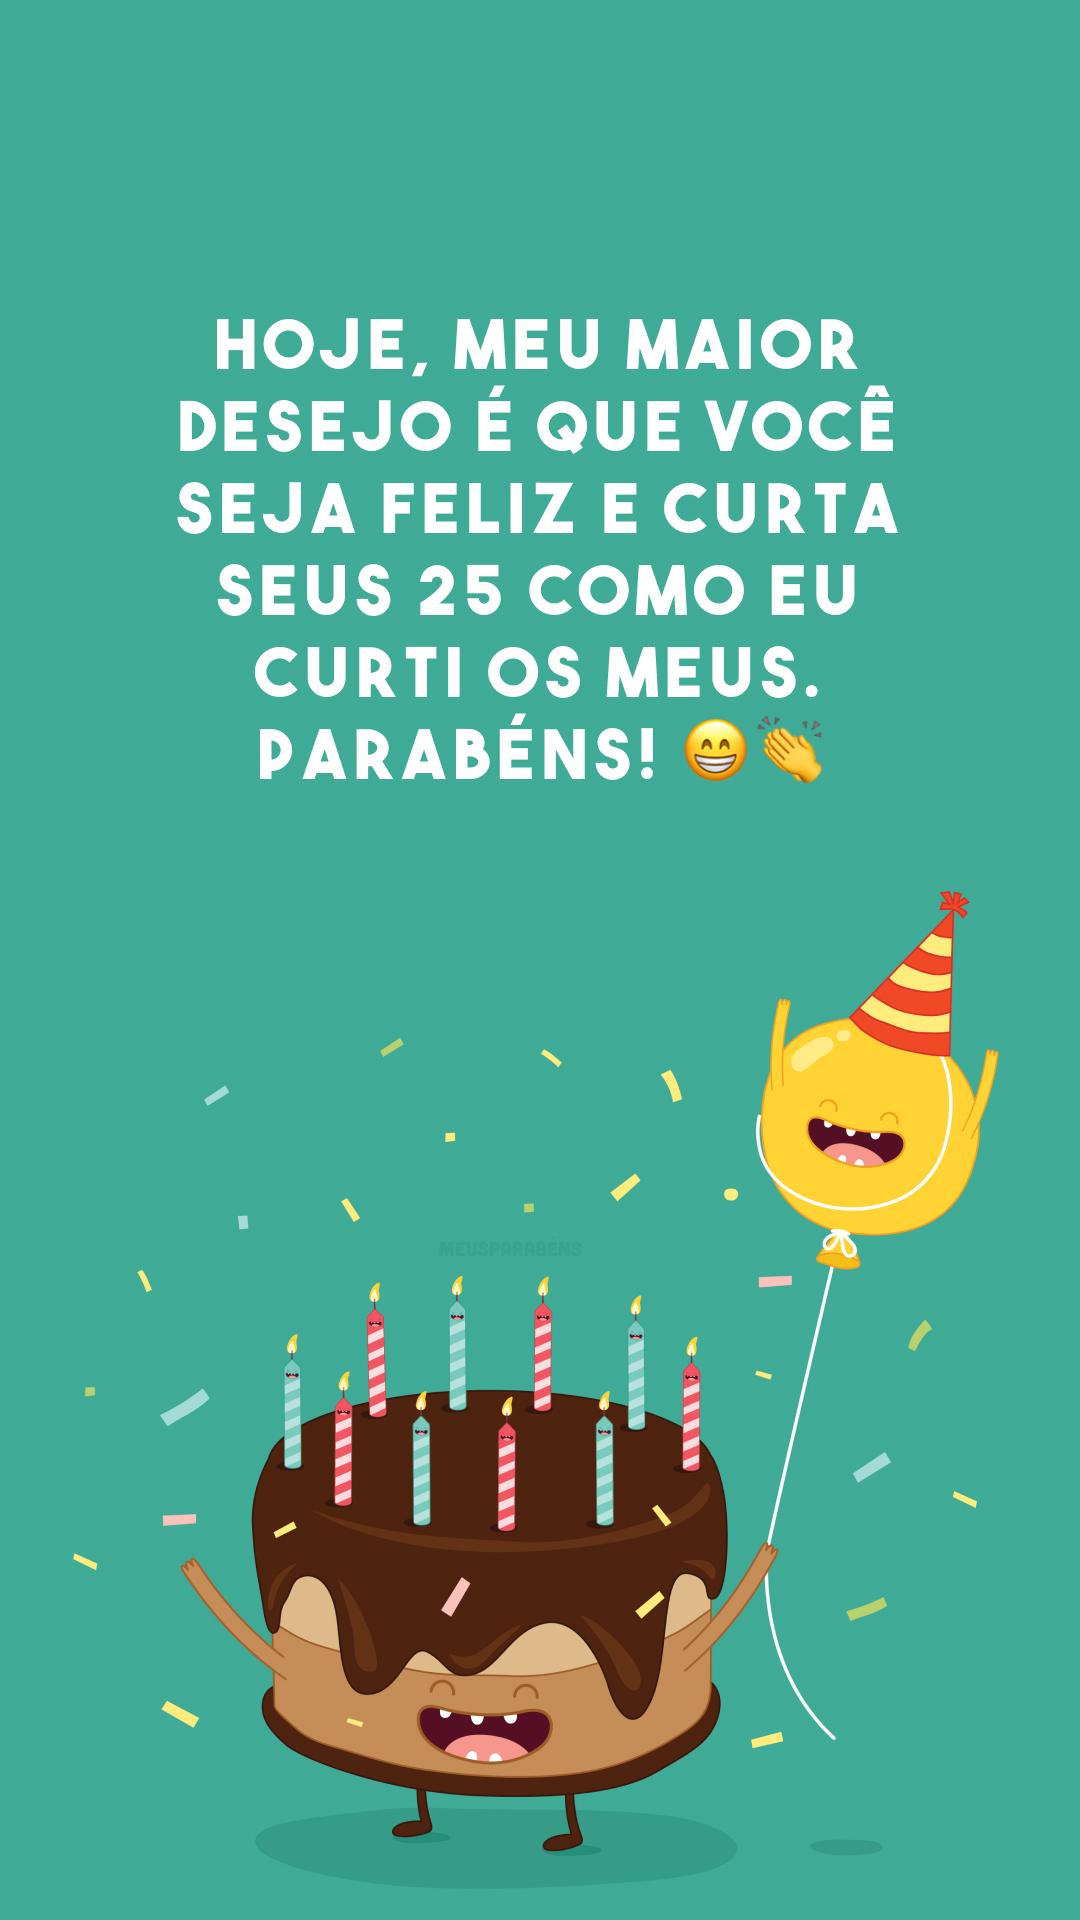 Hoje, meu maior desejo é que você seja feliz e curta seus 25 como eu curti os meus. Parabéns! 😁👏